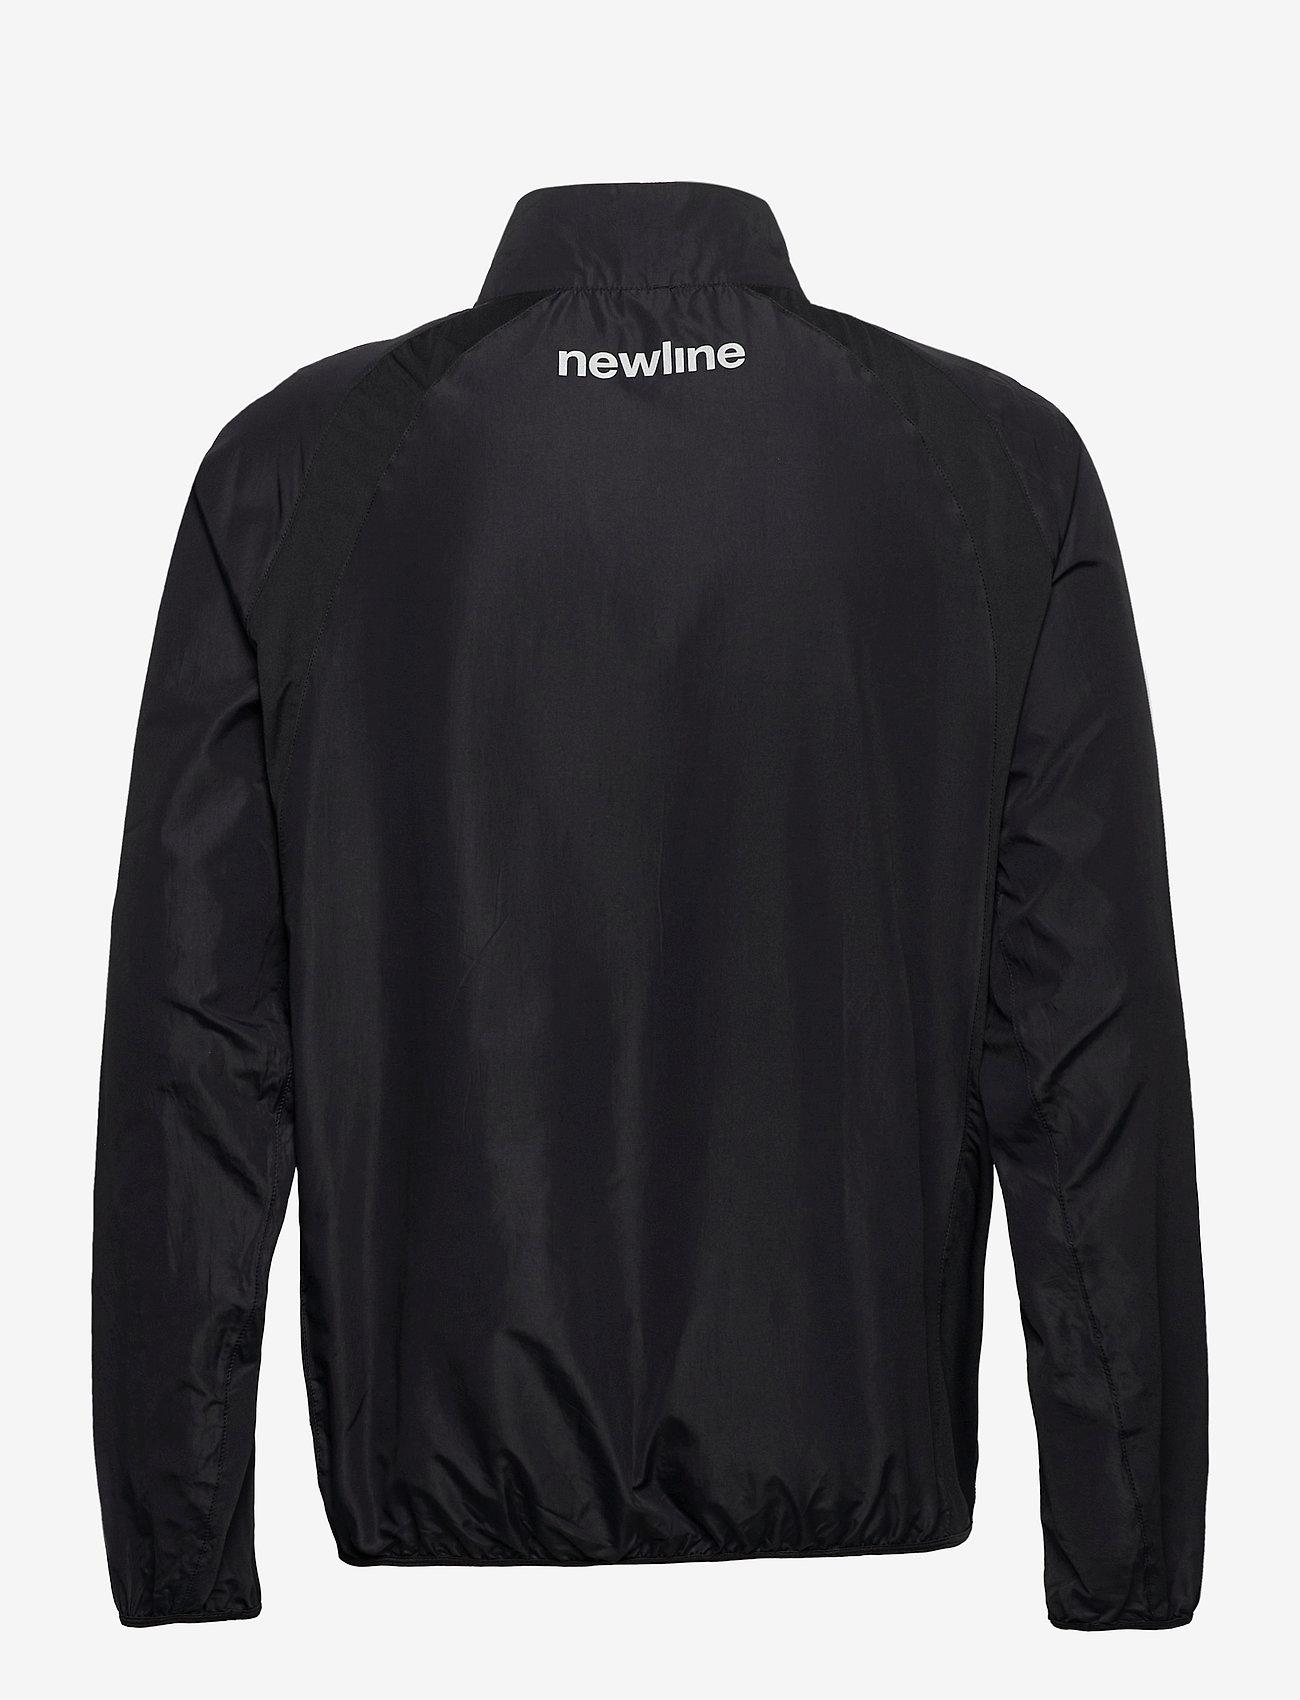 Newline - CORE JACKET - sportsjakker - black - 1